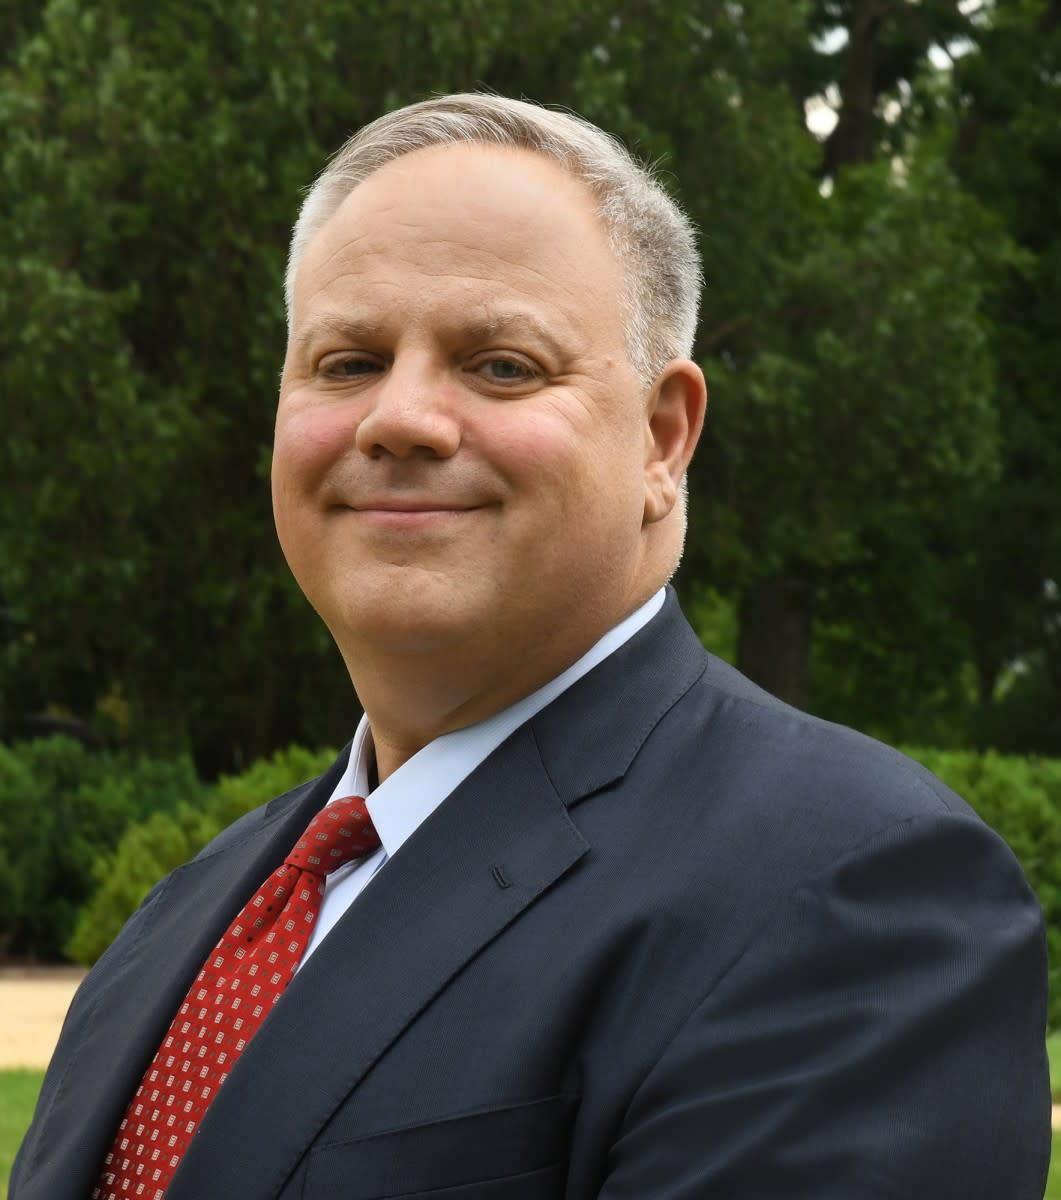 Doi Secretary To Replace Ryan Zinke